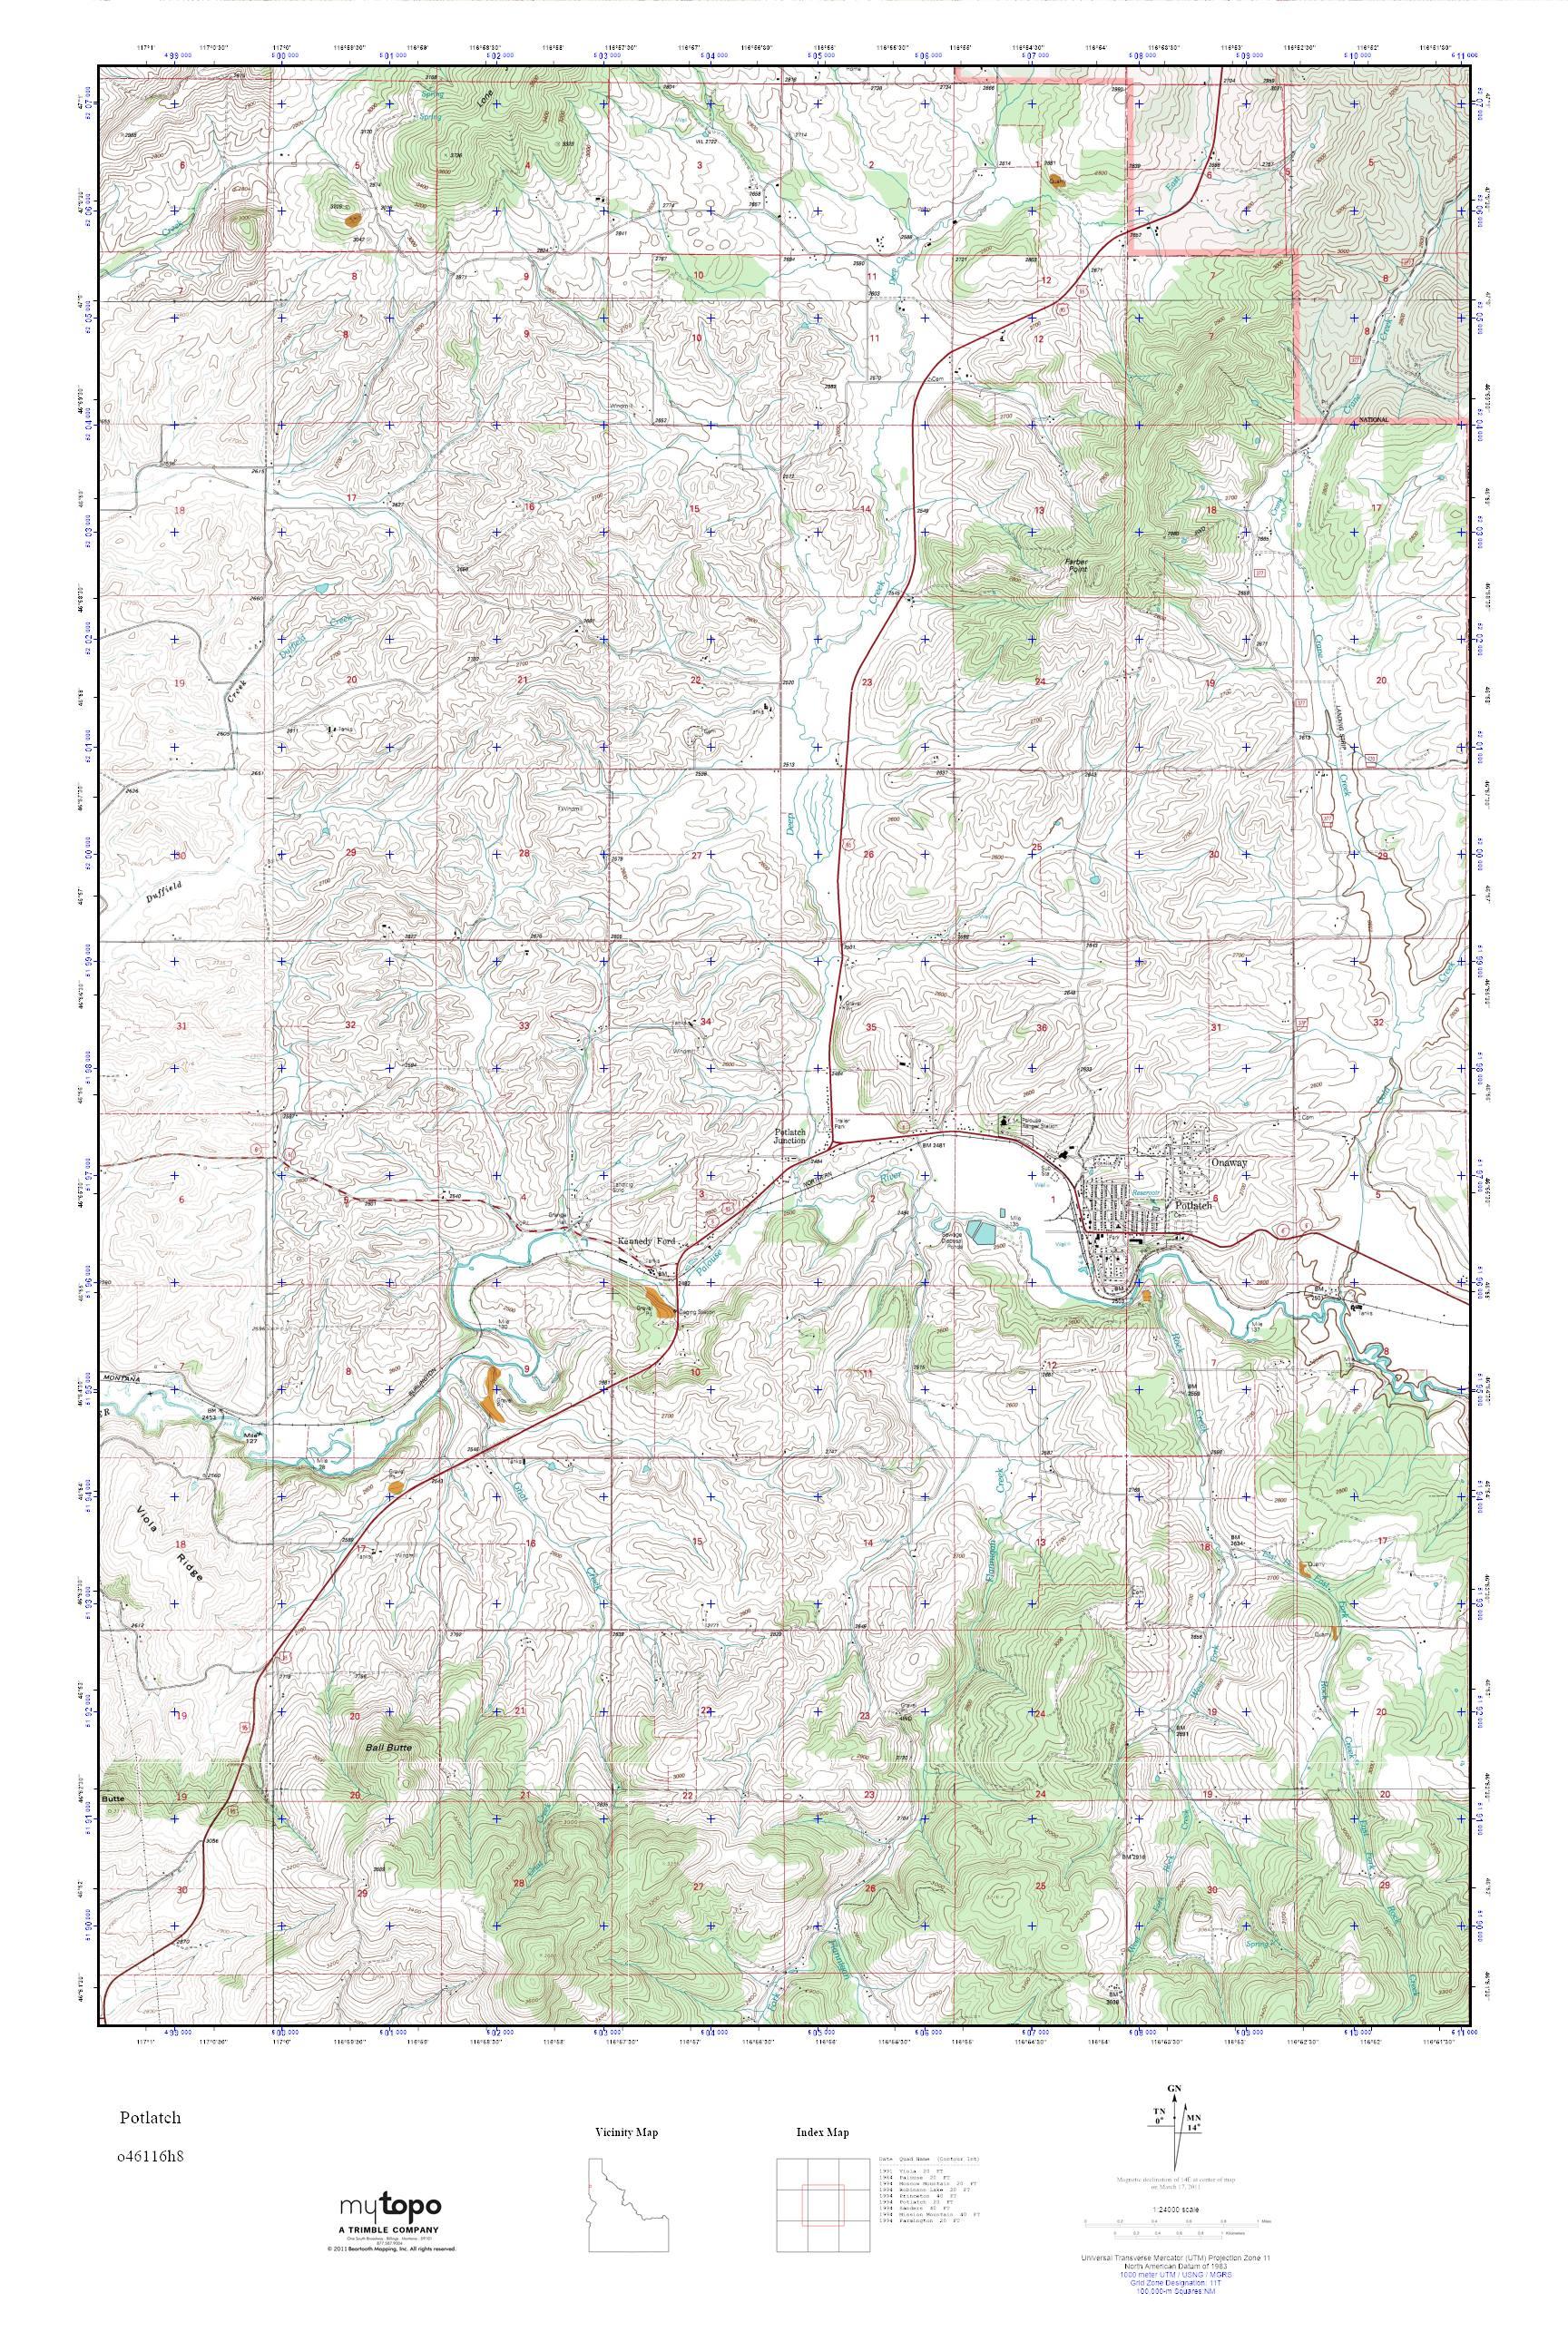 Potlatch Idaho Map.Mytopo Potlatch Idaho Usgs Quad Topo Map